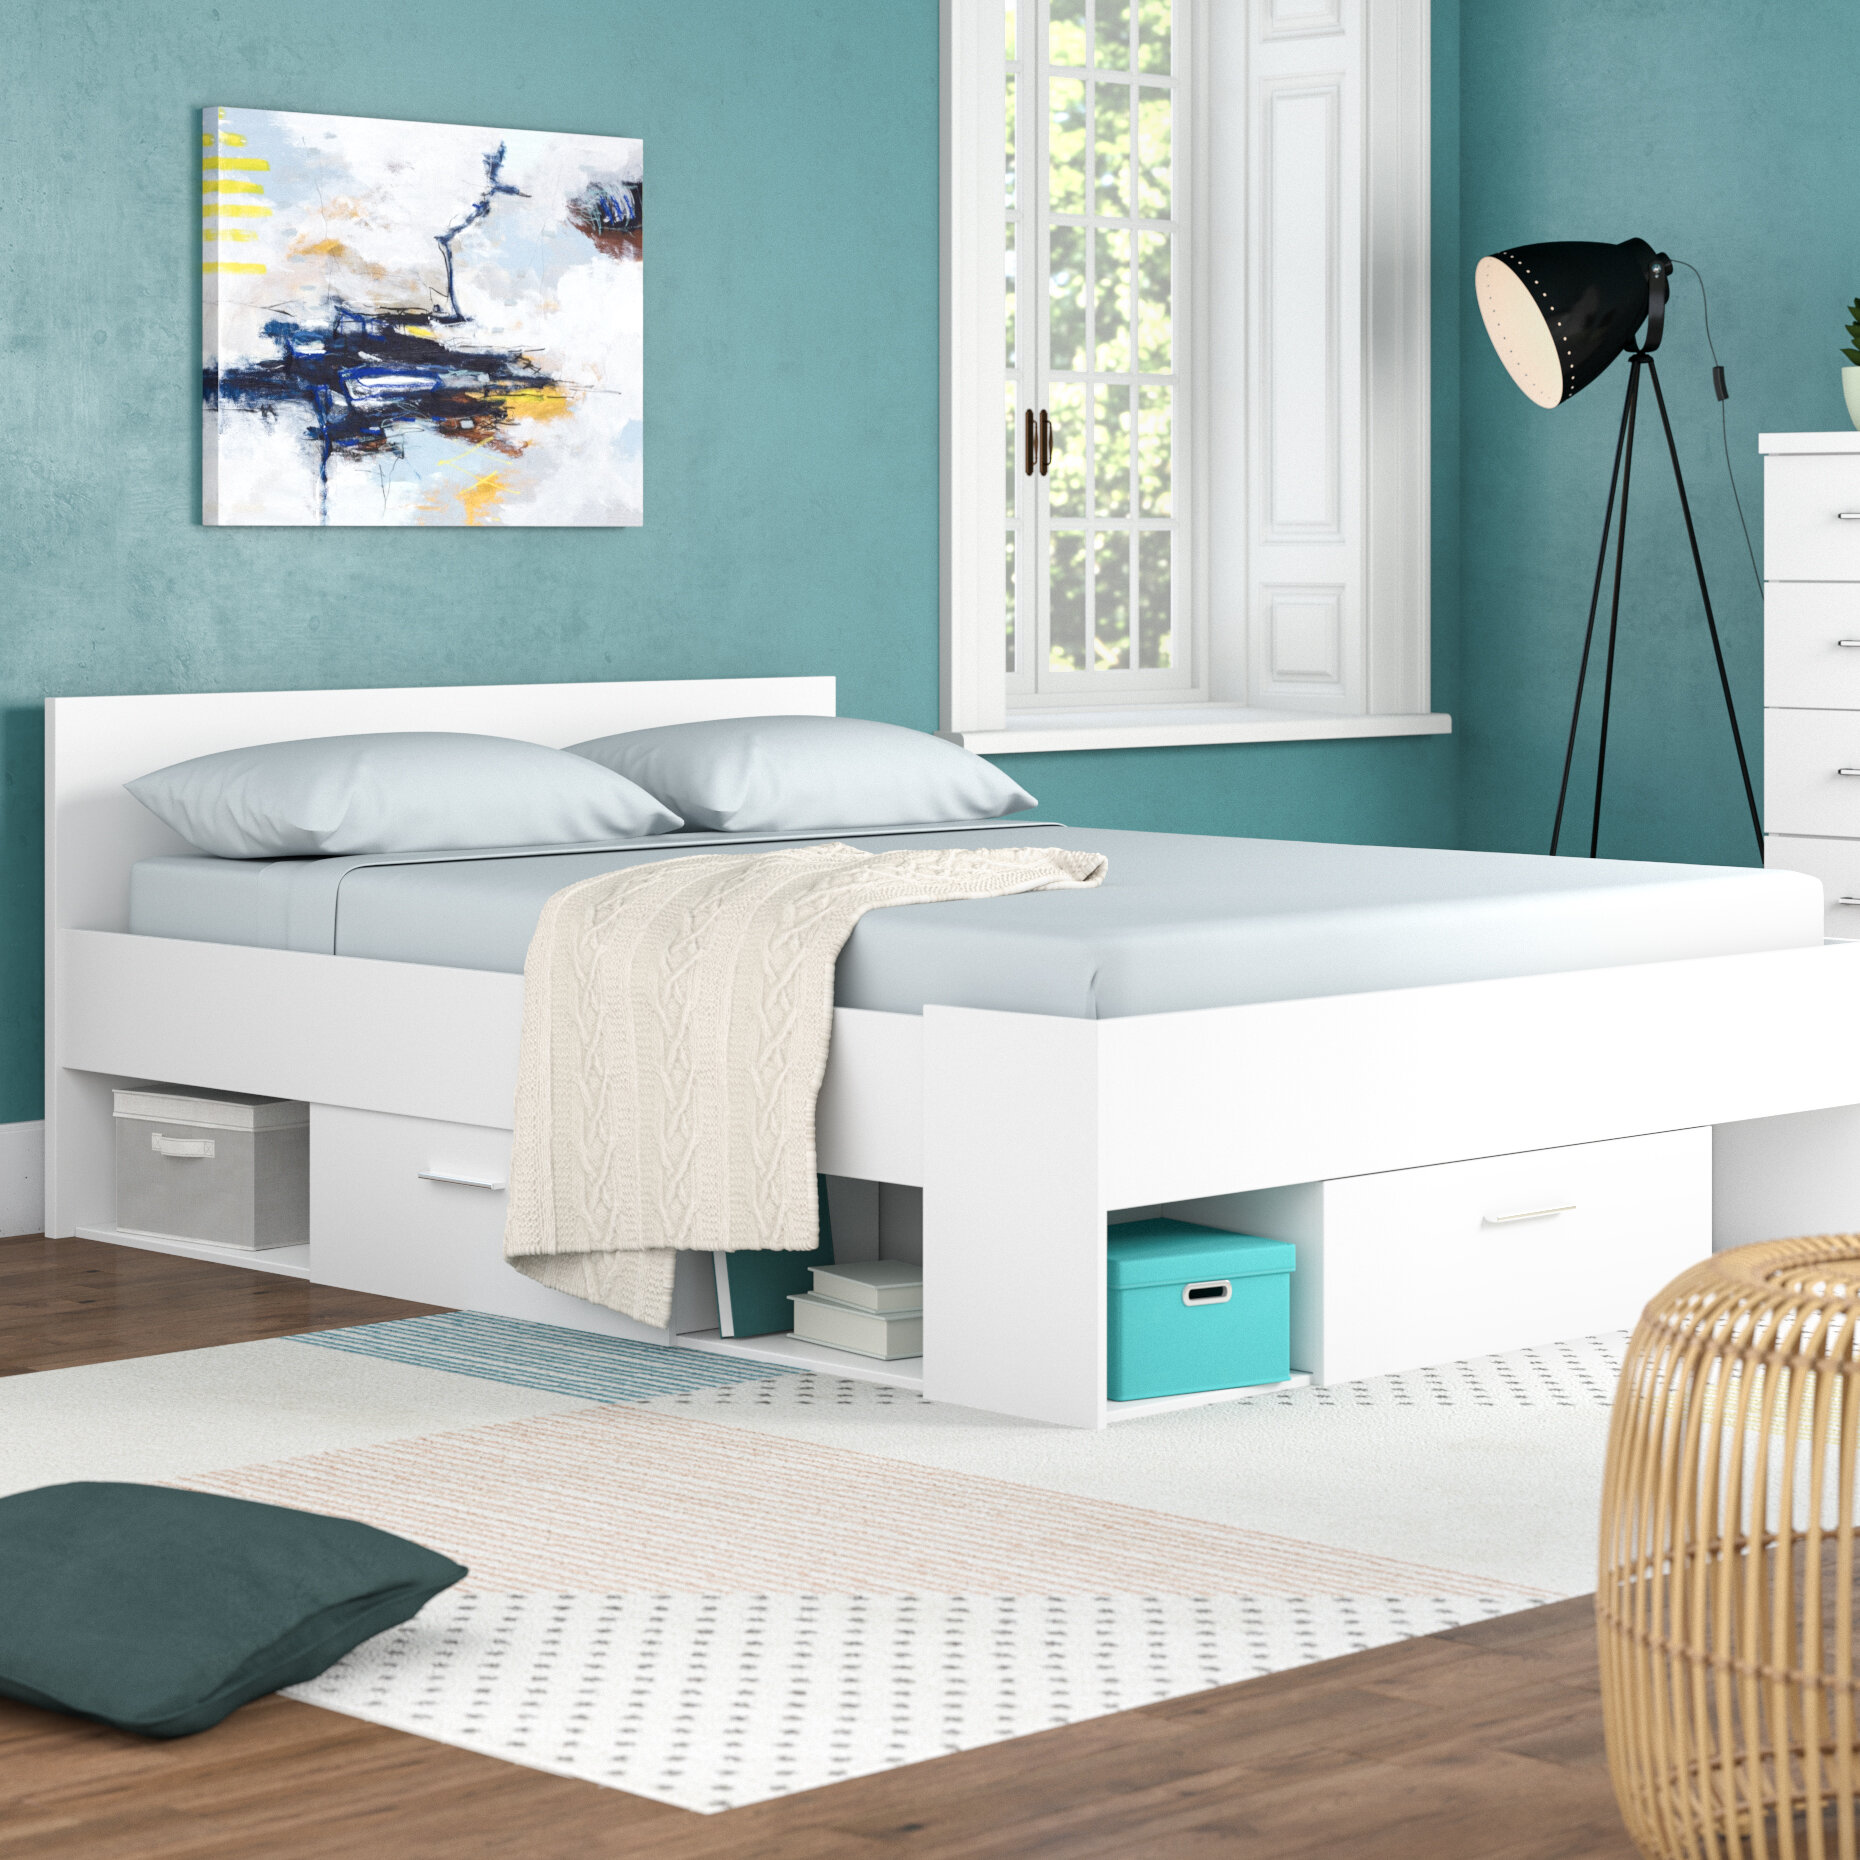 Demeyere Doppelbett Chicago mit Stauraum, 140 × 200 cm   Wayfair.de